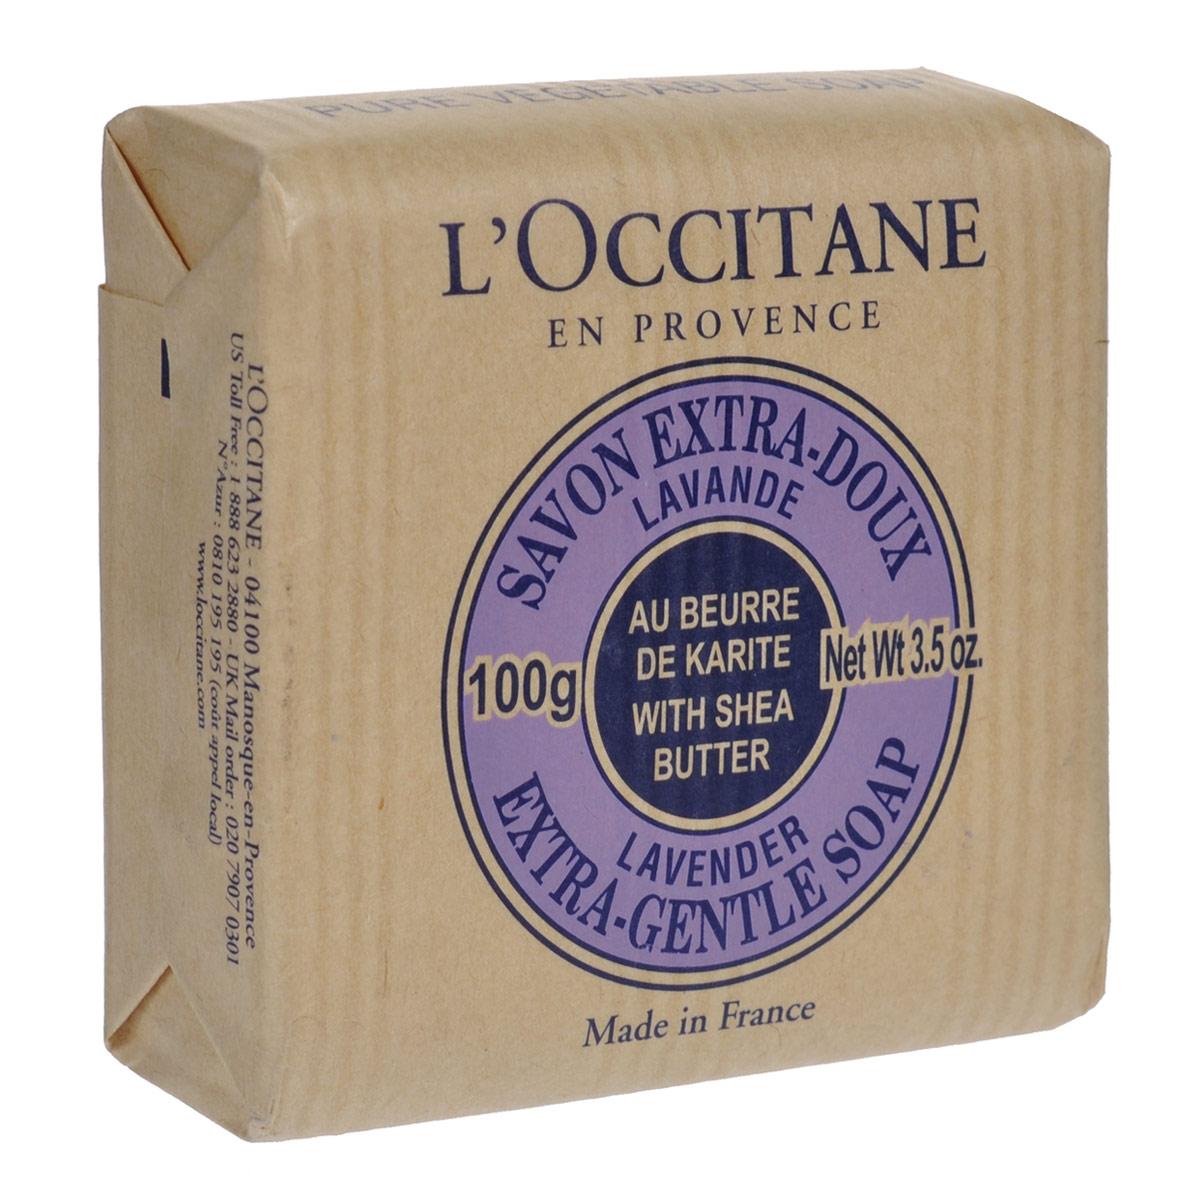 Loccitane Мыло Лаванда, 100 г106Туалетное мыло LOccitane Лаванда великолепно подходит для ежедневного использования. Содержит 100%-ую натуральную основу, обогащен маслом Карите. Подходит для всей семьи.